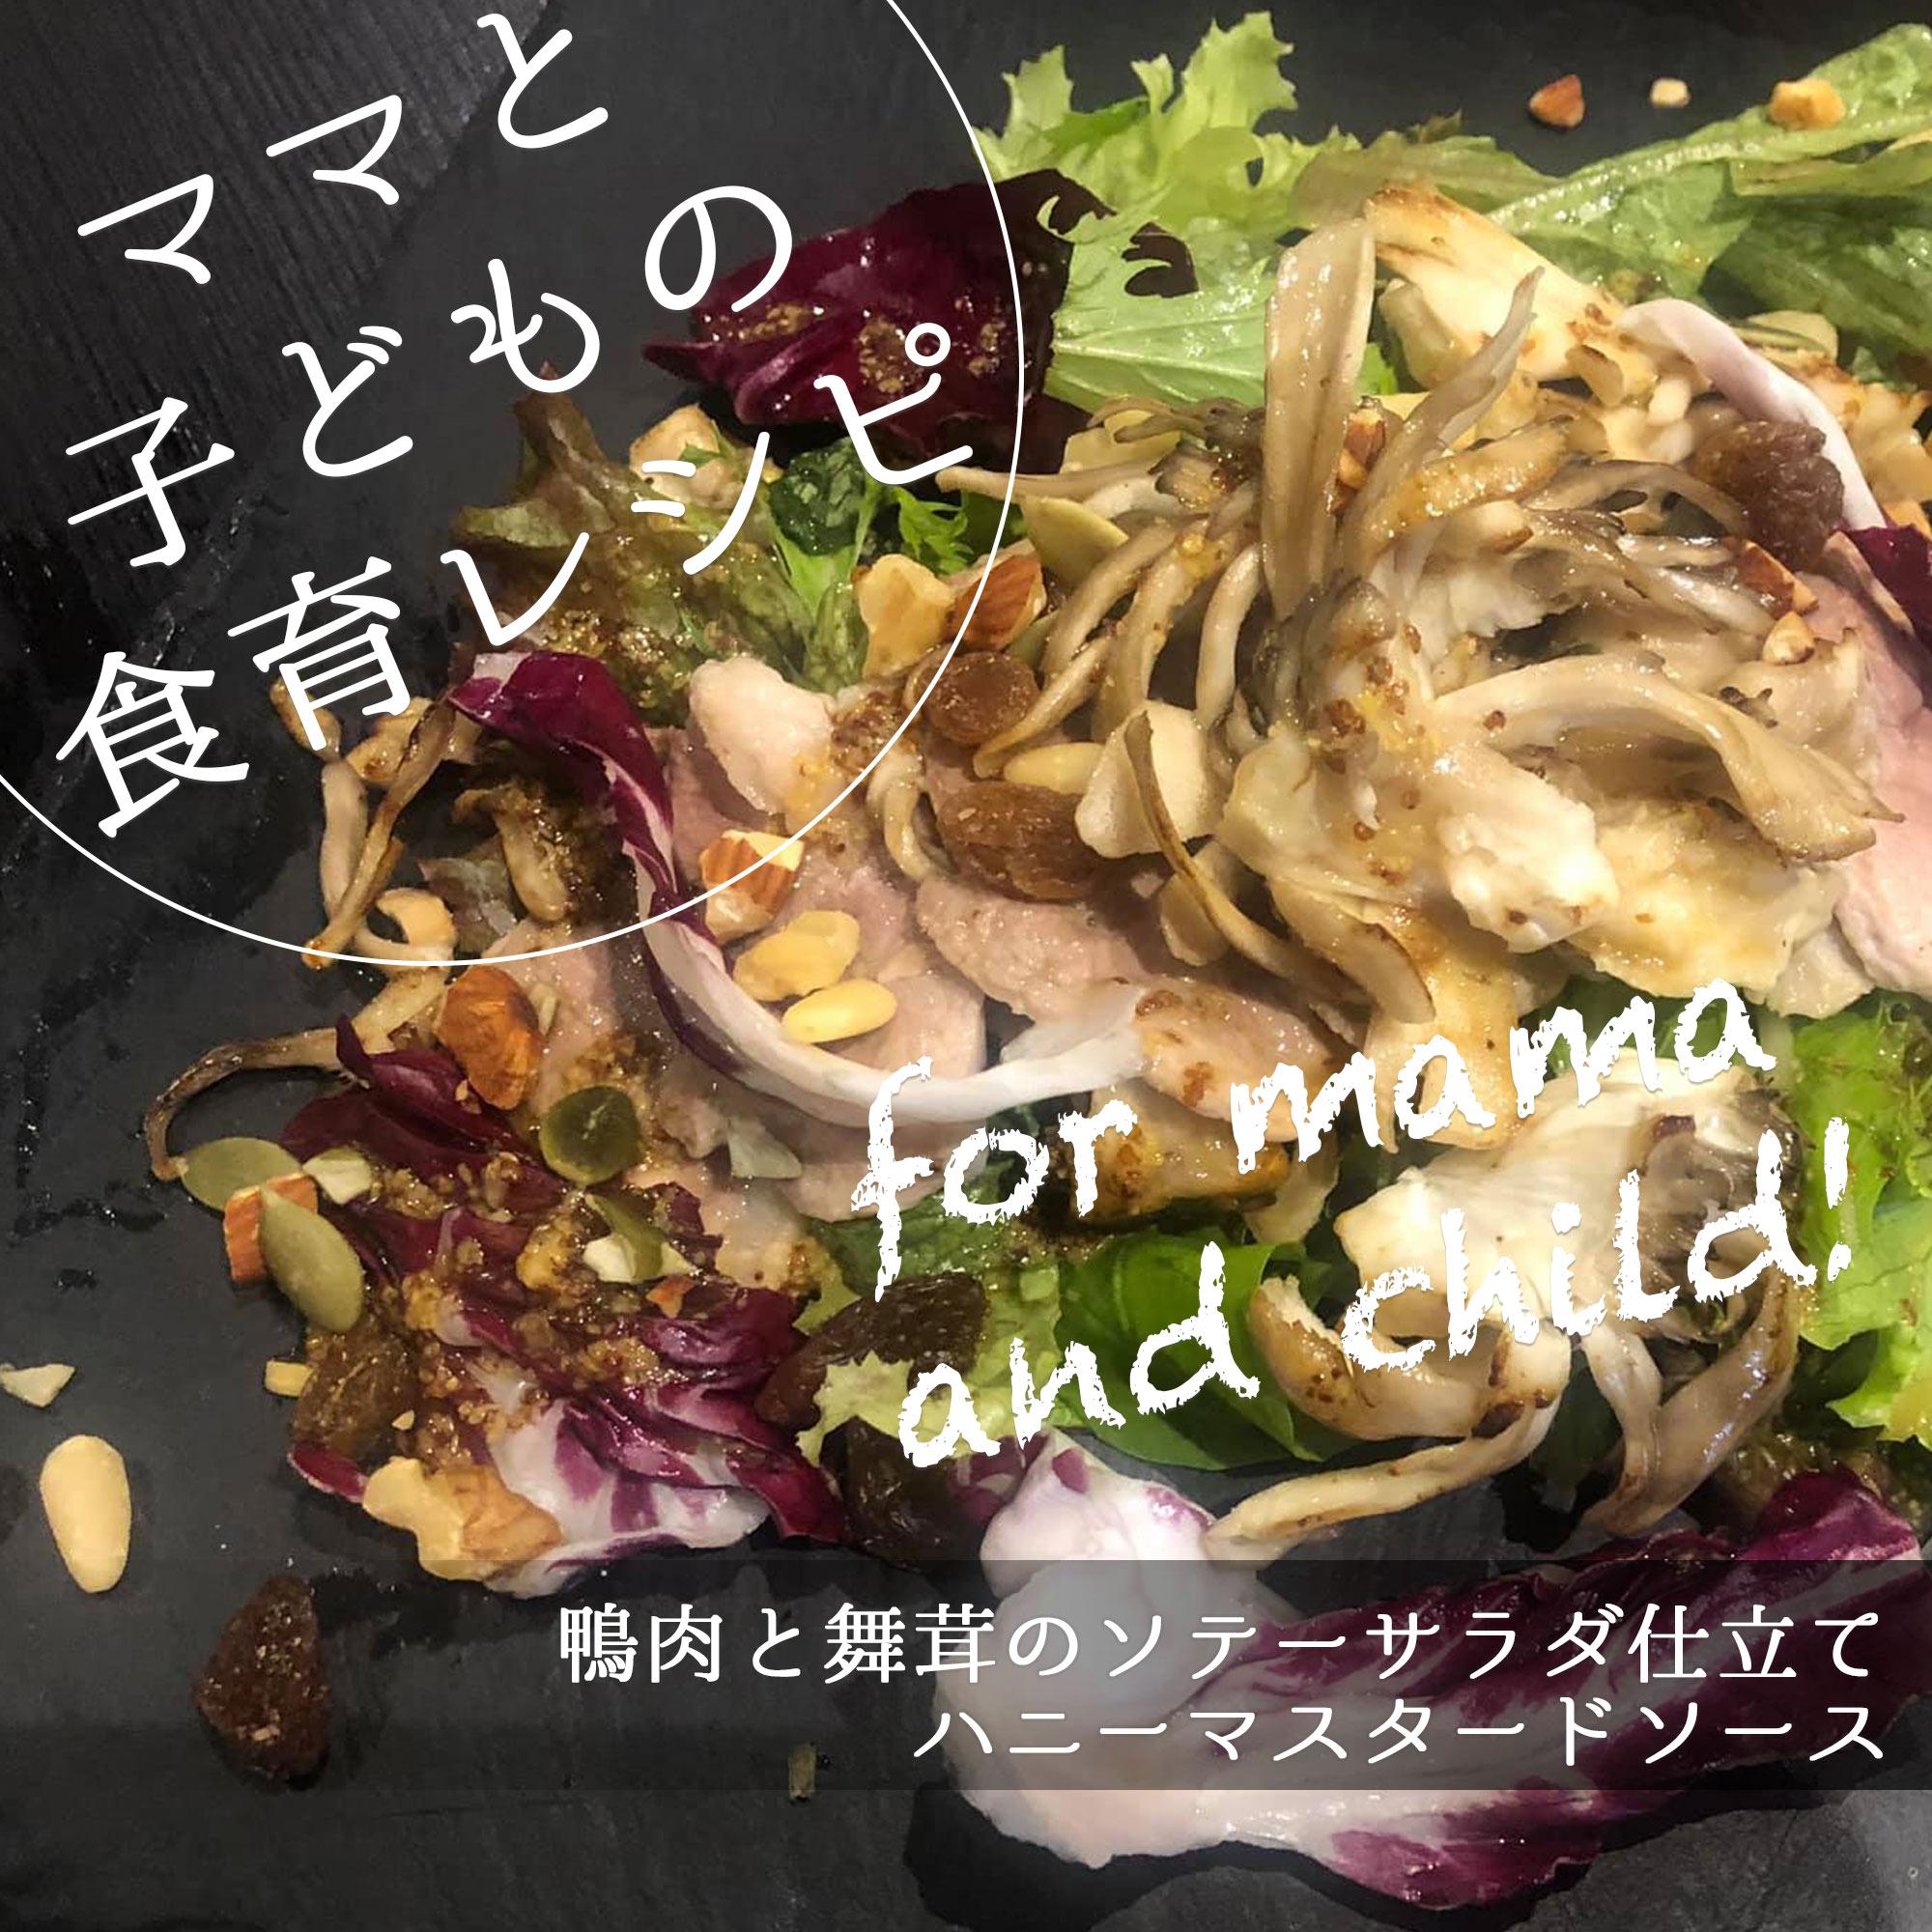 舞茸と鴨肉のサラダ